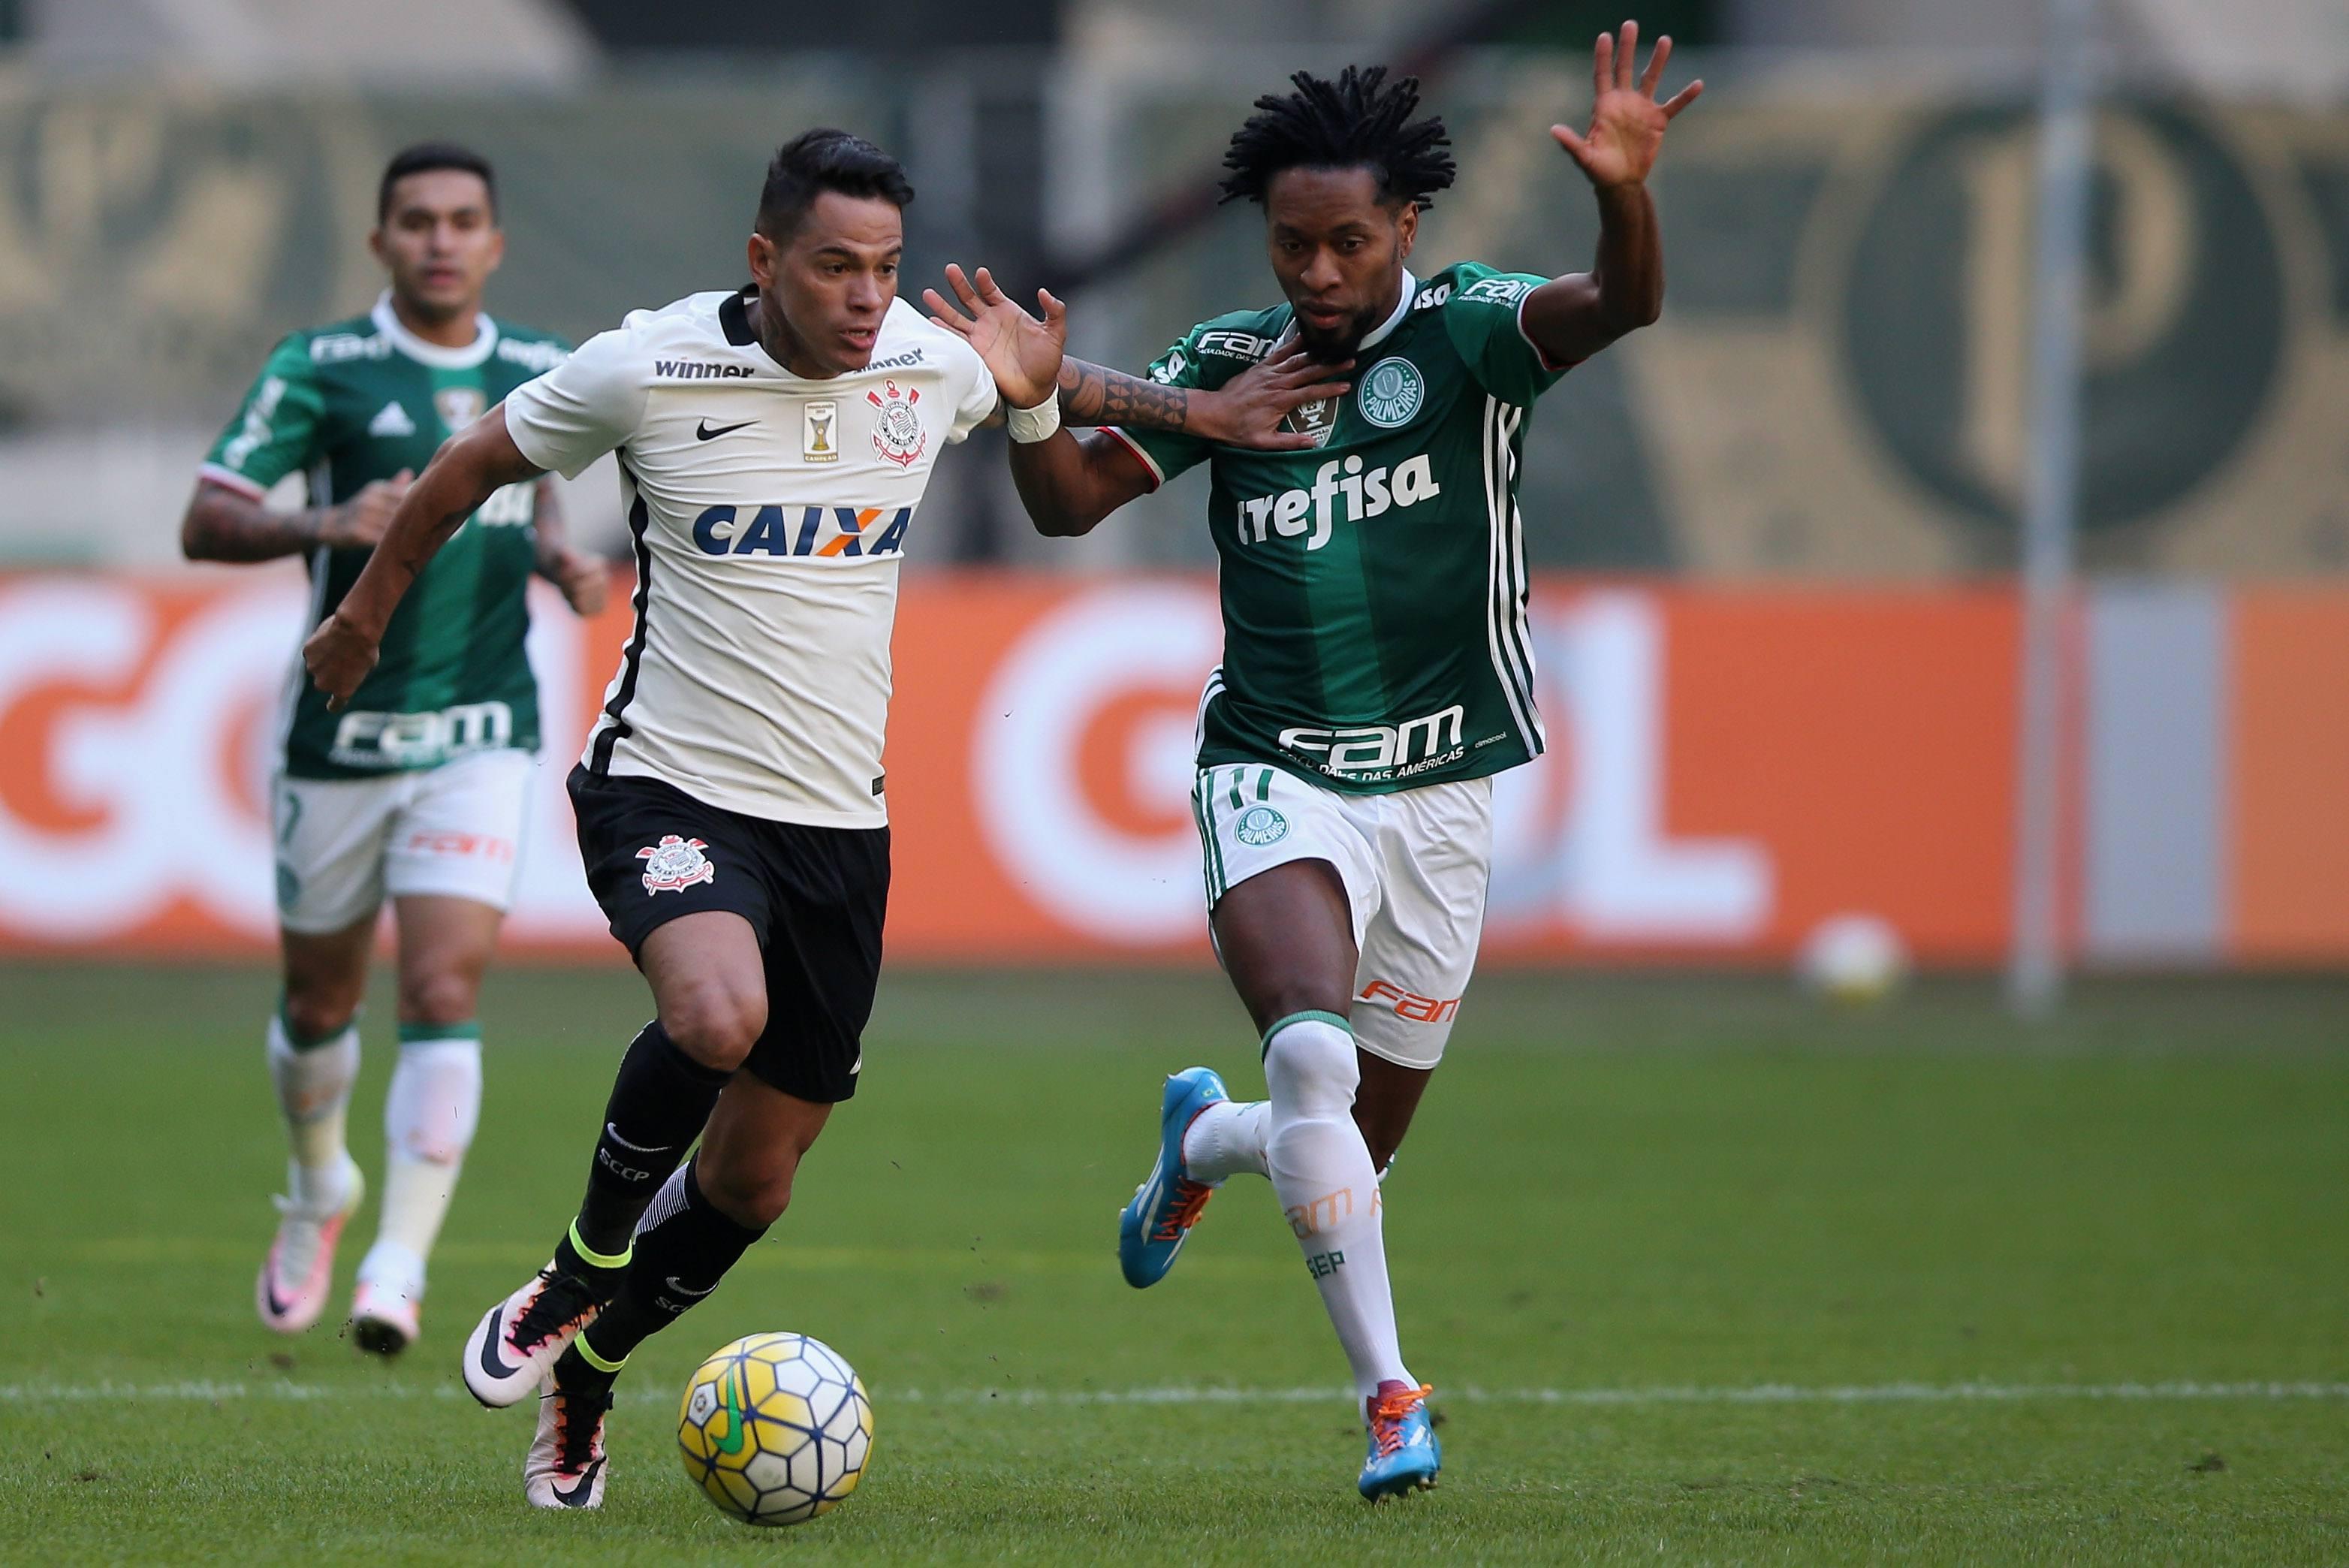 Palmeiras Corinthians Maçı İddaa Tahmini 13.07.2017